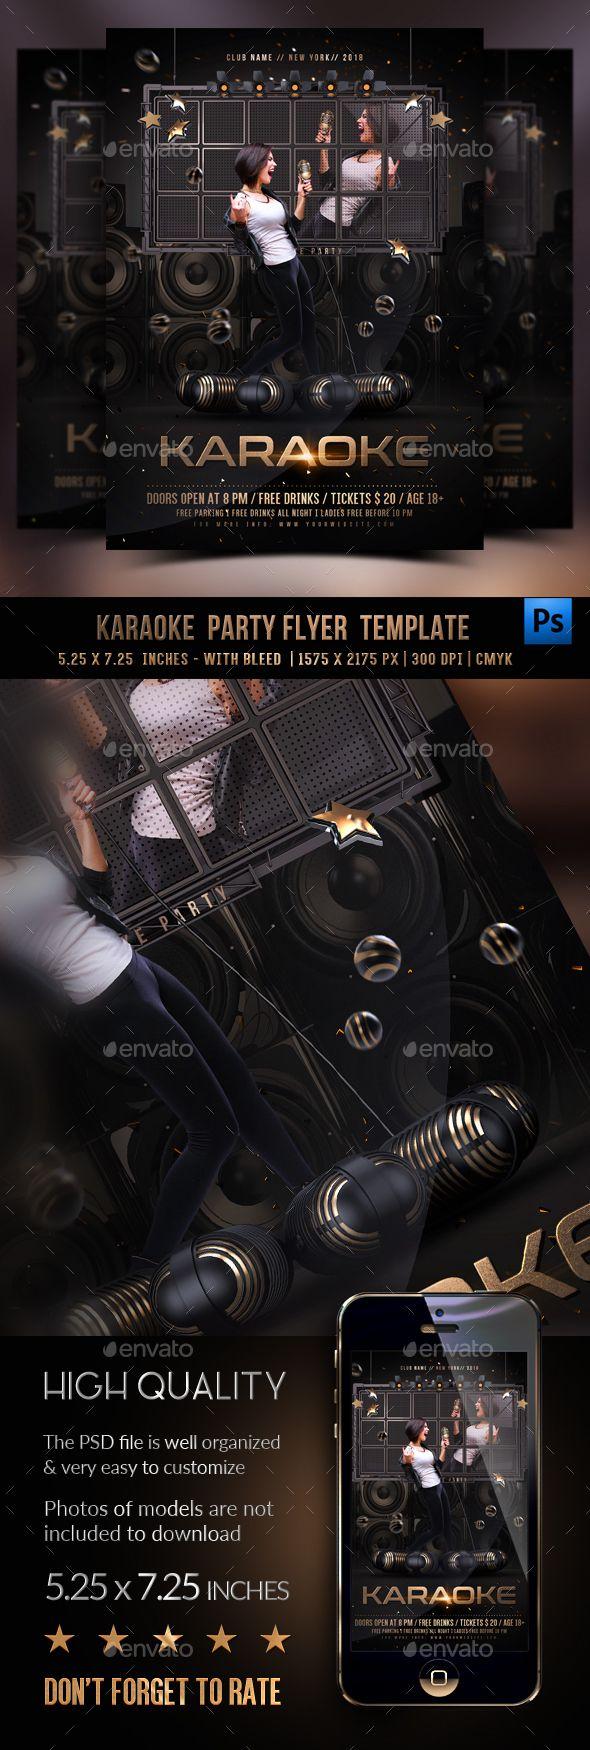 Karaoke Flyer Template Pinterest Flyer Template Karaoke And